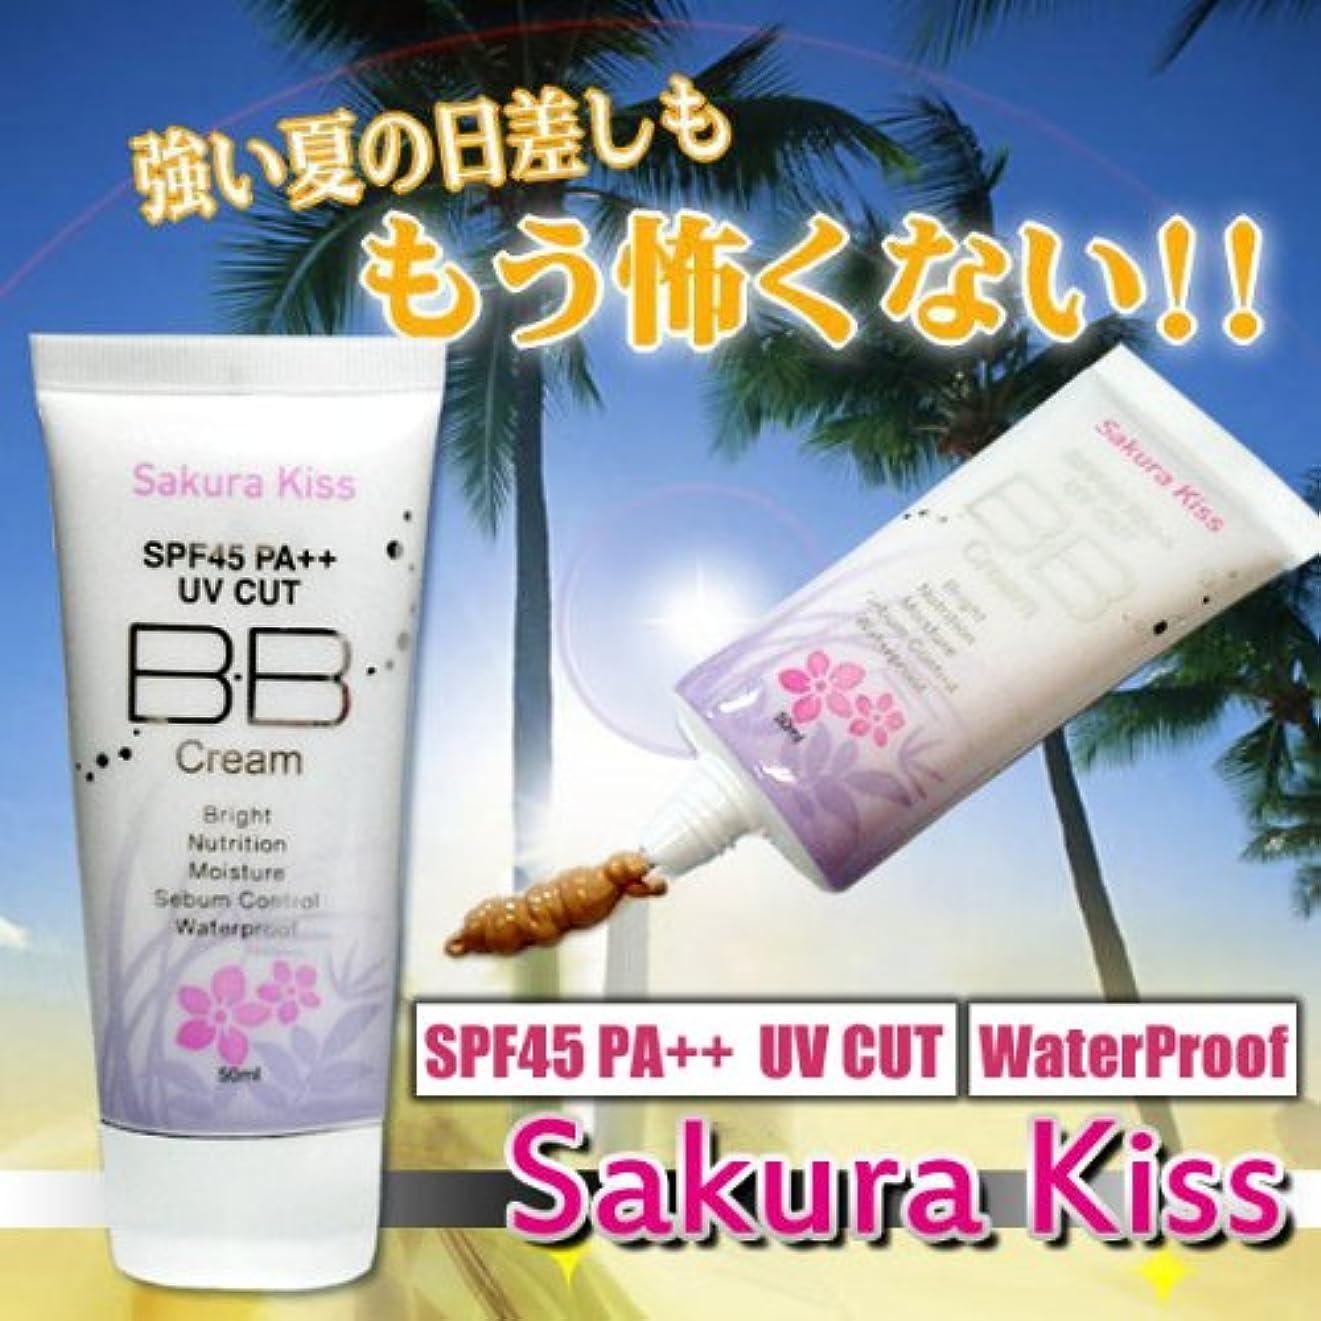 傾向ボトルアンティークSakura Kiss BBクリーム UVプロテクト SPF45PA++ 50ml